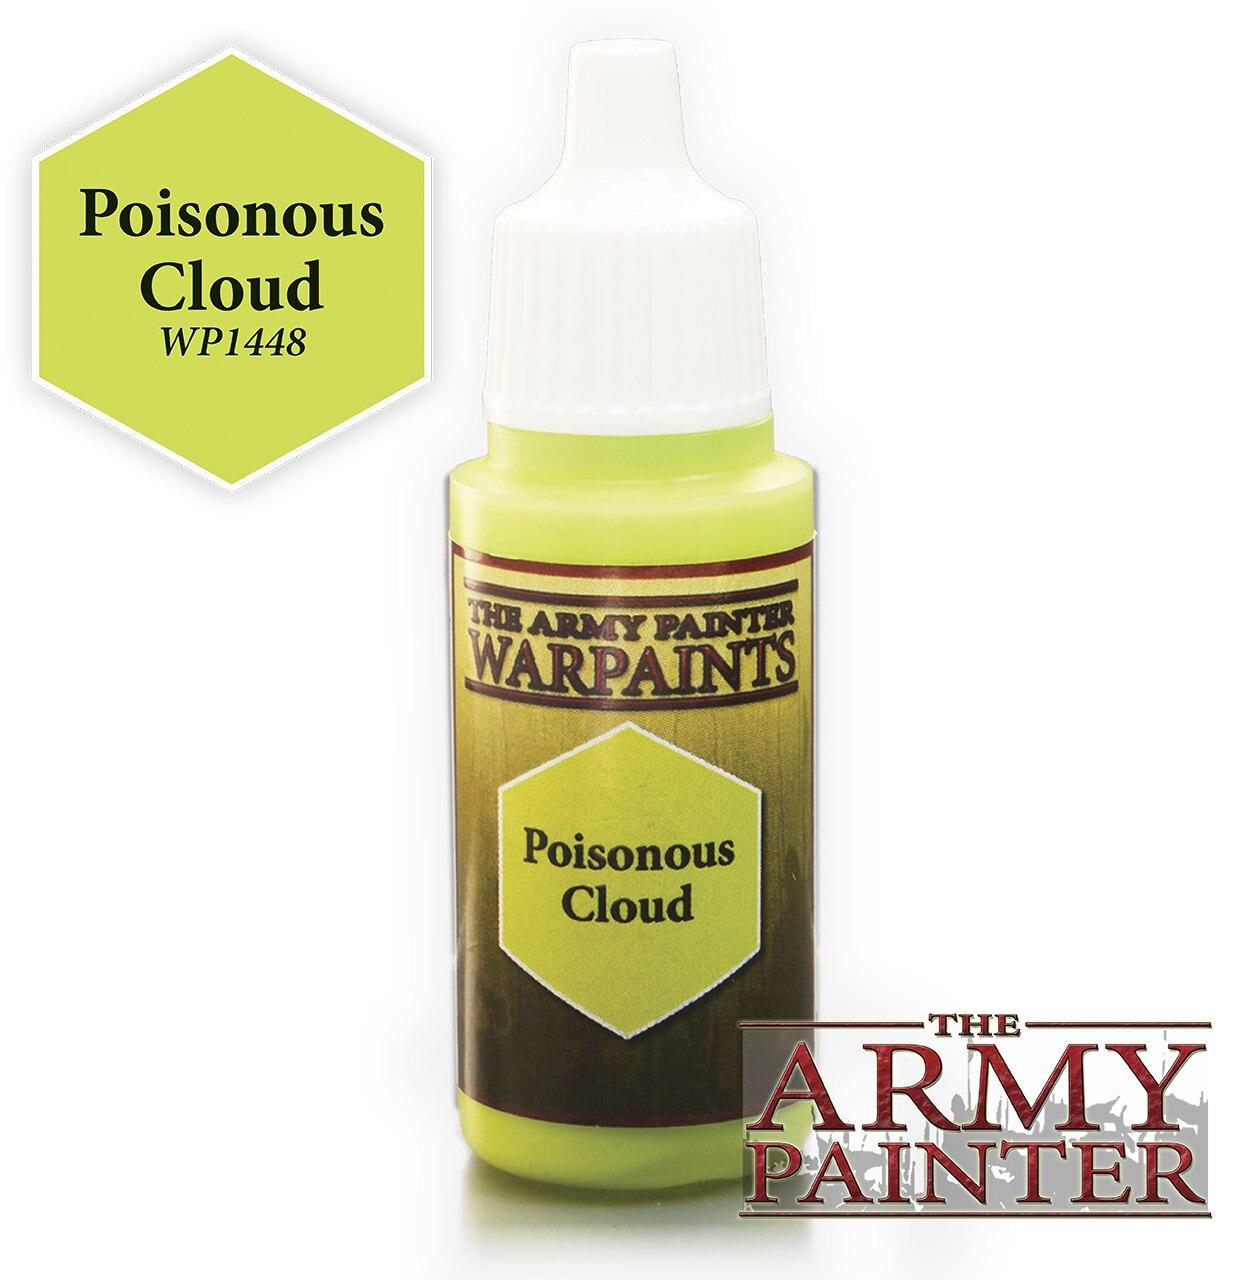 Army Painter Warpaint - Poisonous Cloud